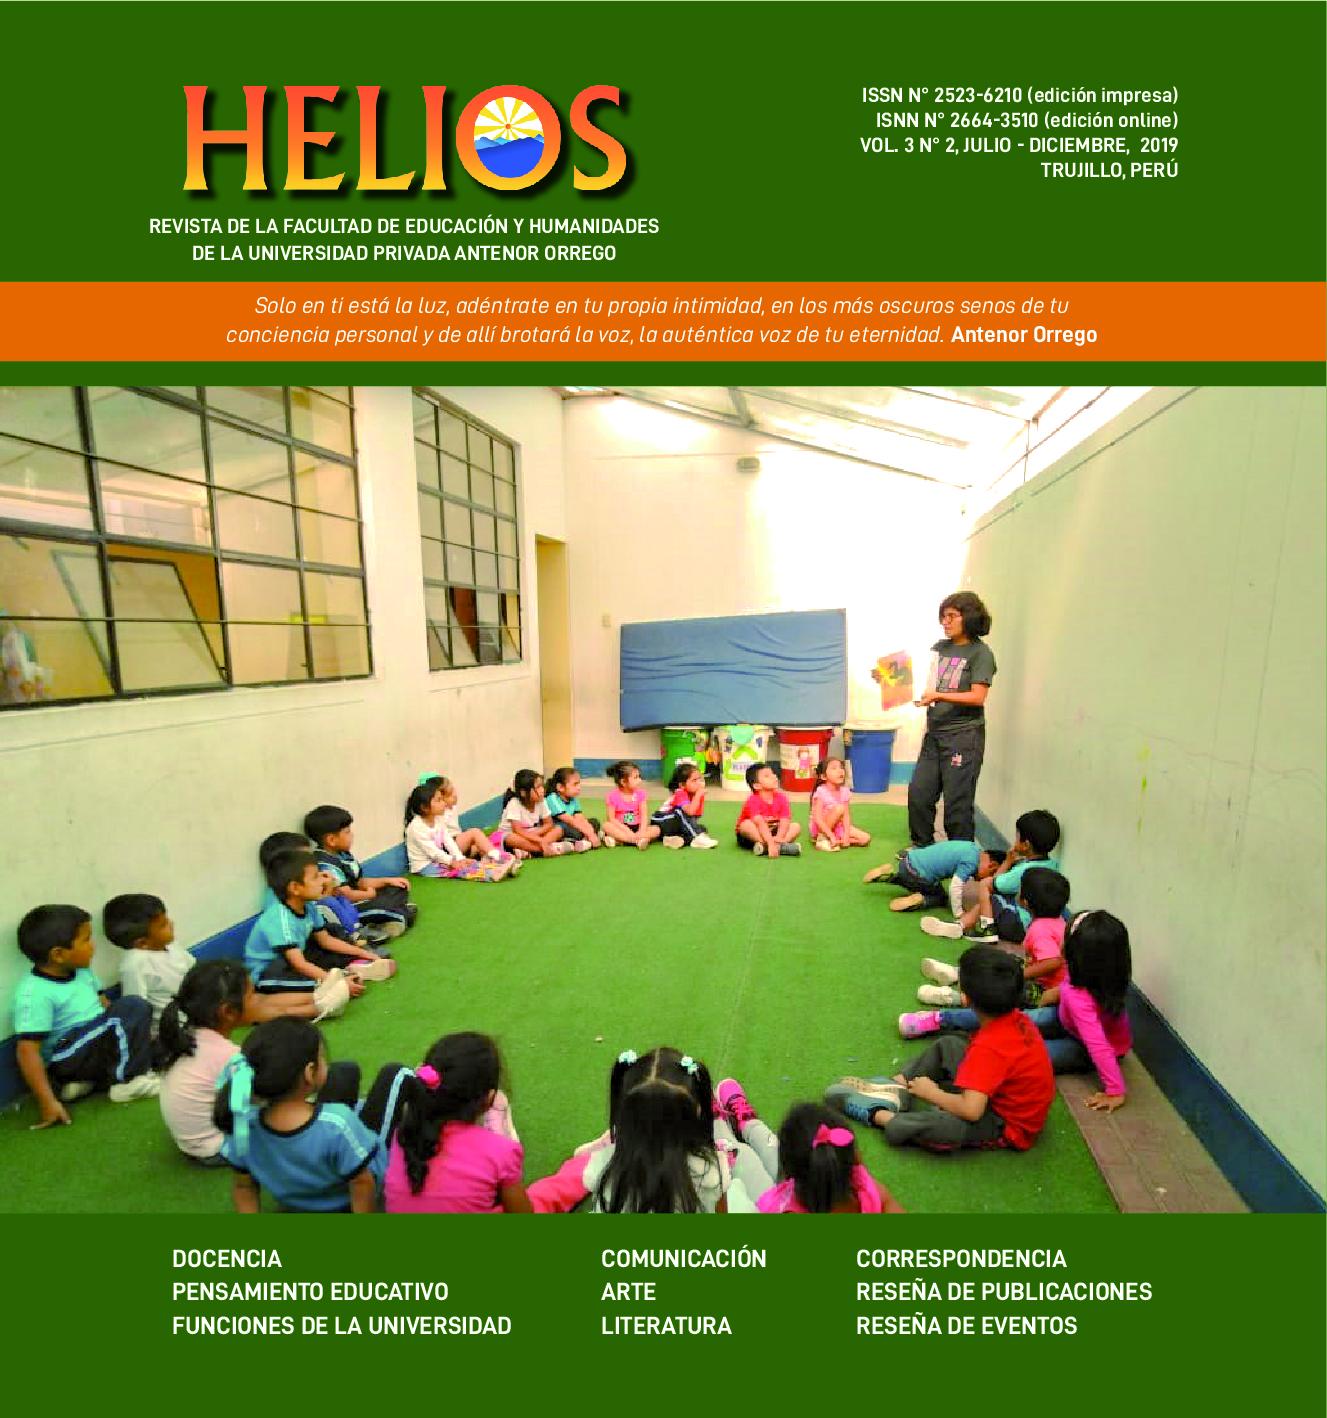 HELIOS VOLUMEN 3 N°2